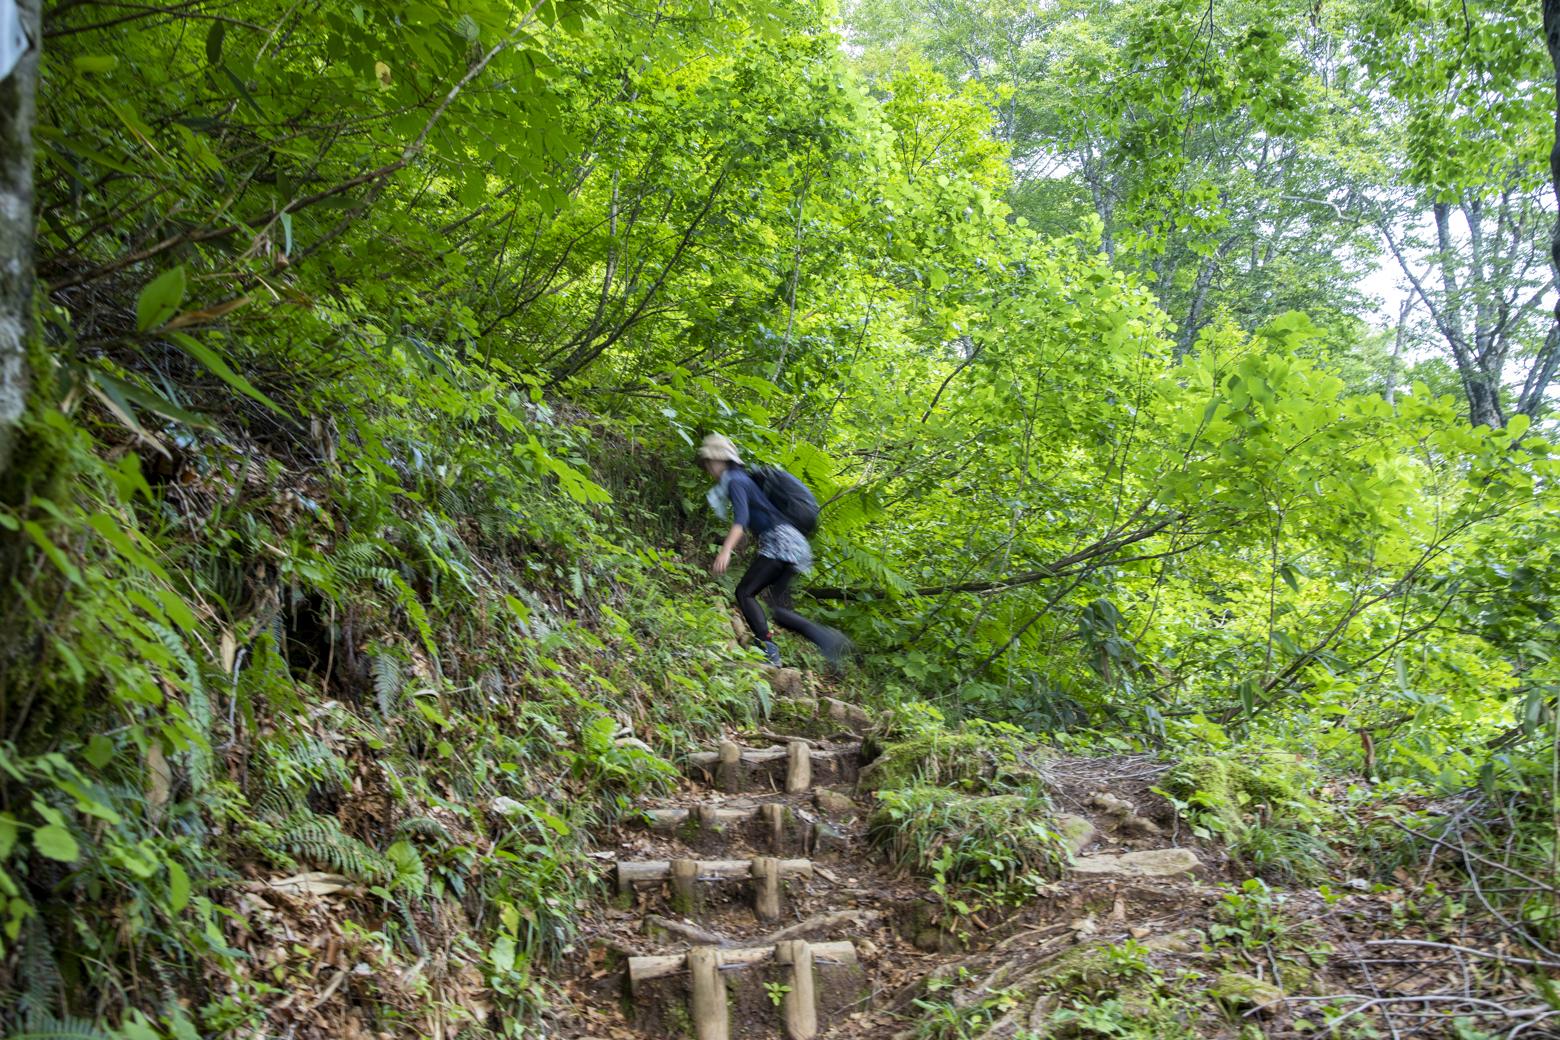 スタートから15分。本格的な登りに